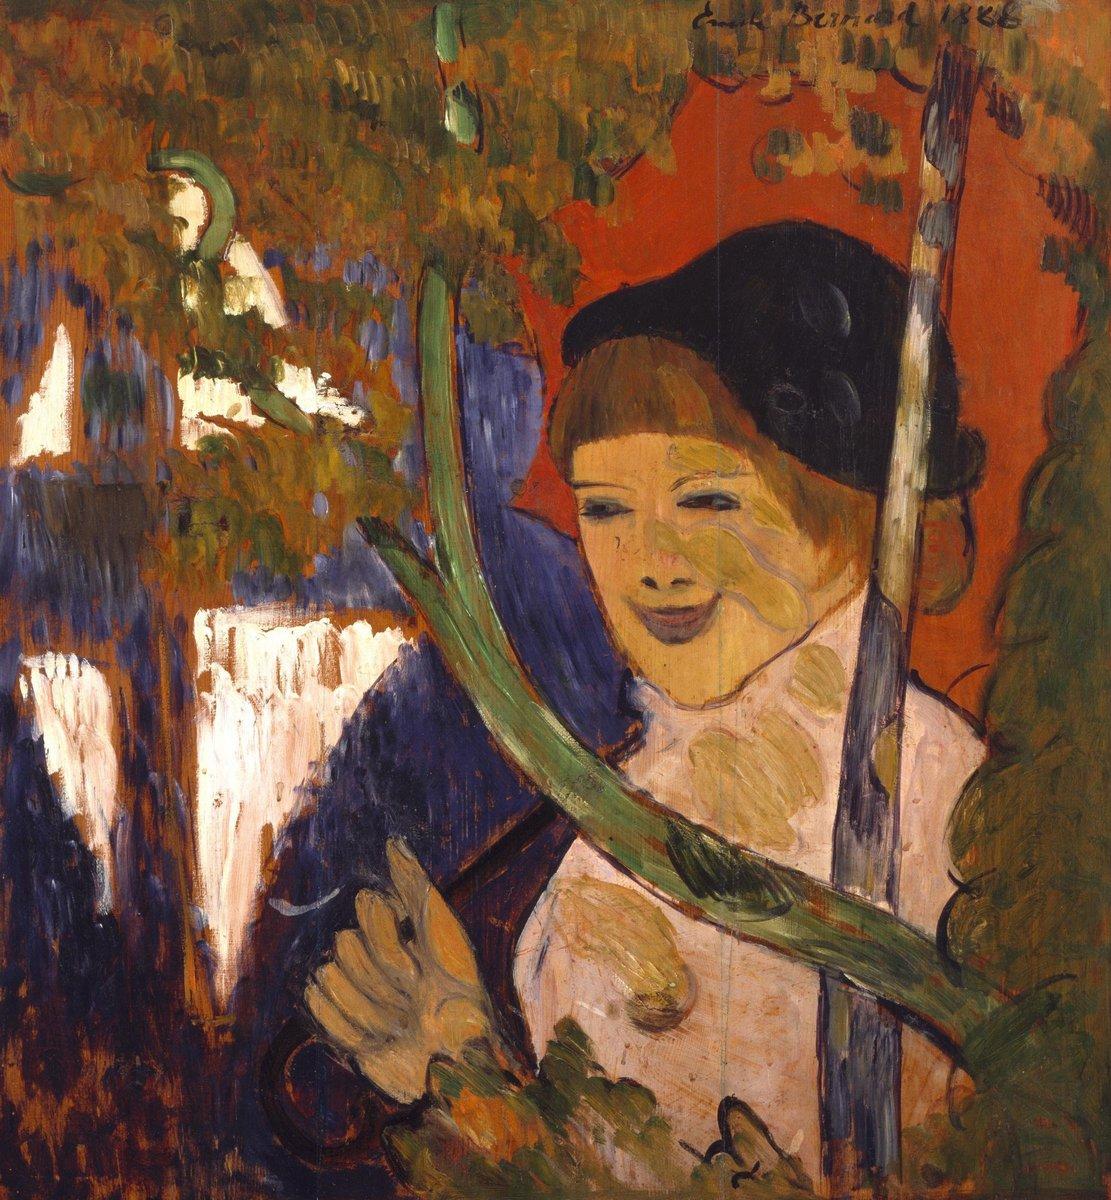 Бернар Эмиль, картина Бретонская девушка в красной шляпе, 20x22 см, на бумагеБернар Эмиль<br>Постер на холсте или бумаге. Любого нужного вам размера. В раме или без. Подвес в комплекте. Трехслойная надежная упаковка. Доставим в любую точку России. Вам осталось только повесить картину на стену!<br>